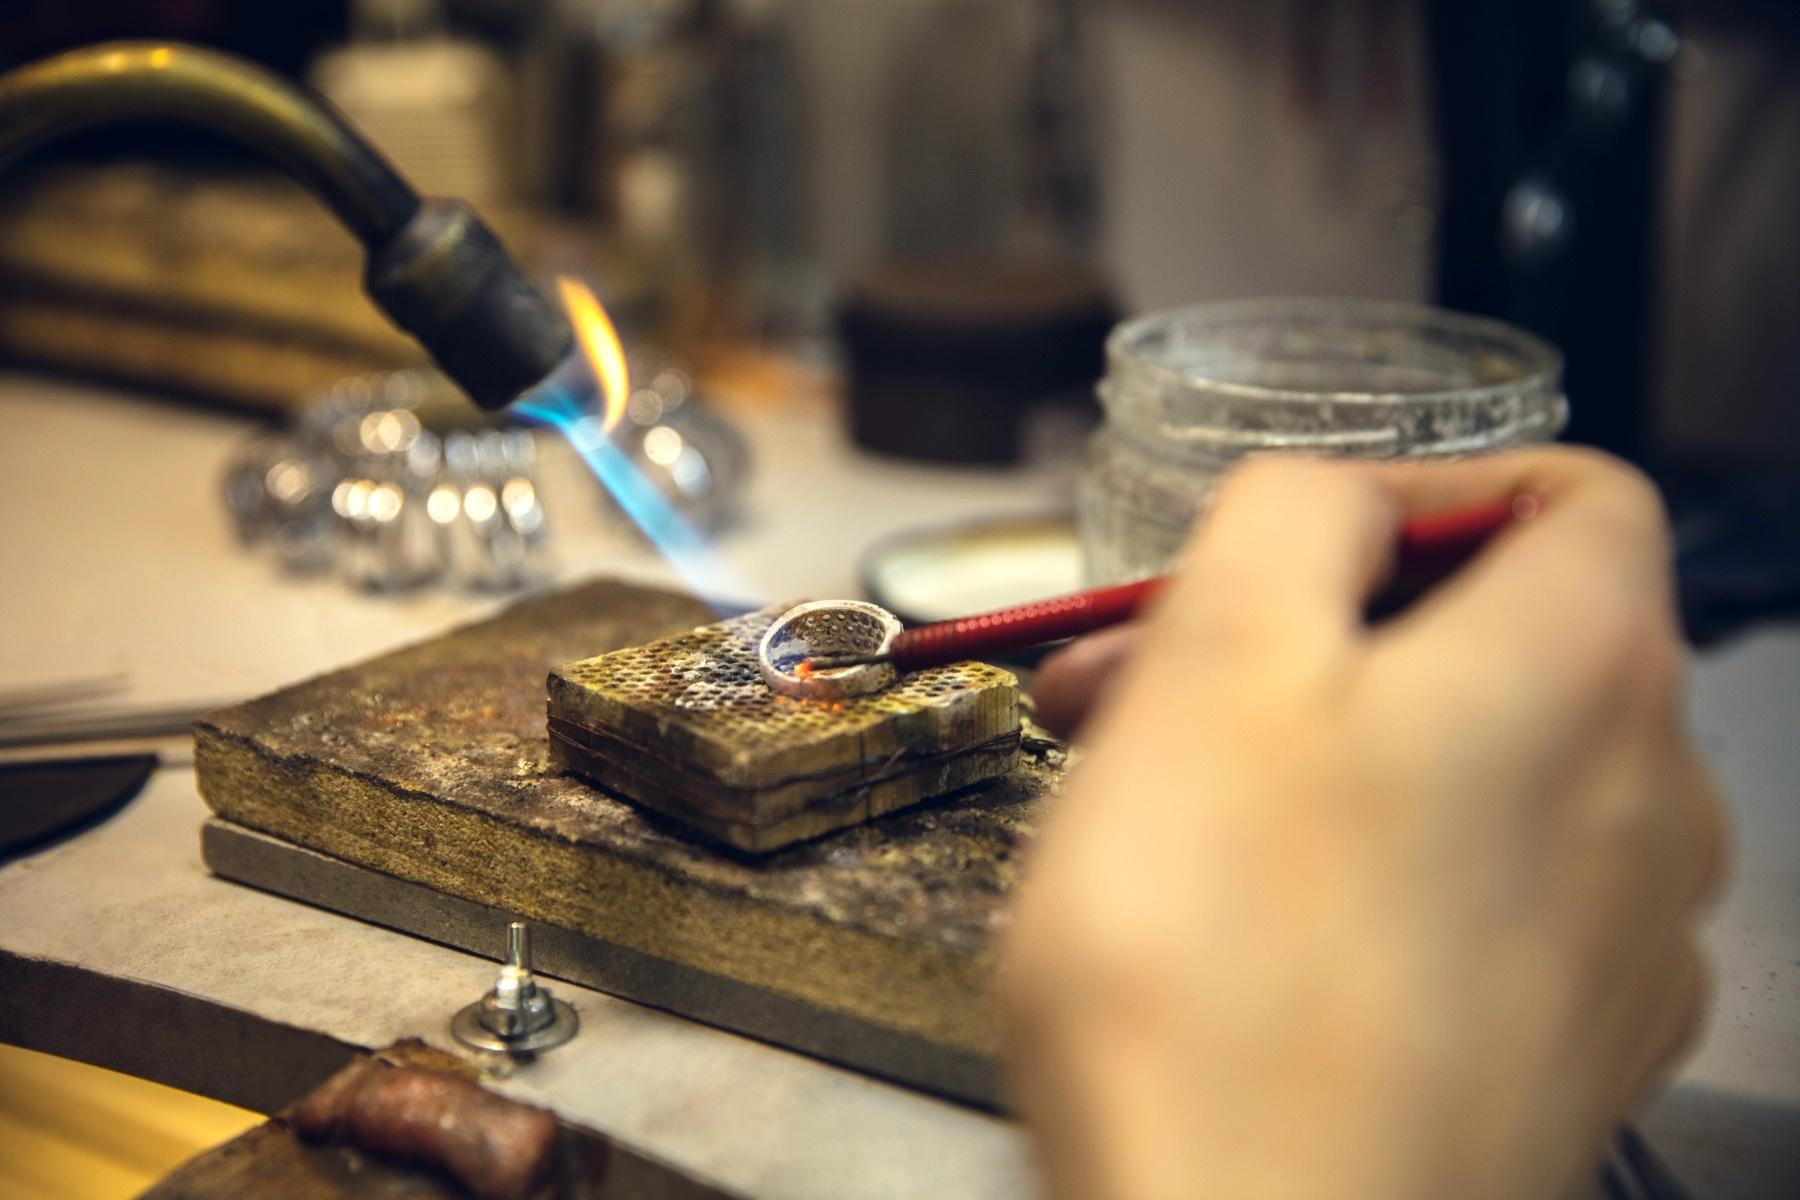 【高雄金工體驗】戒指DIY超簡單,5間高雄手作戒指推薦金工課程